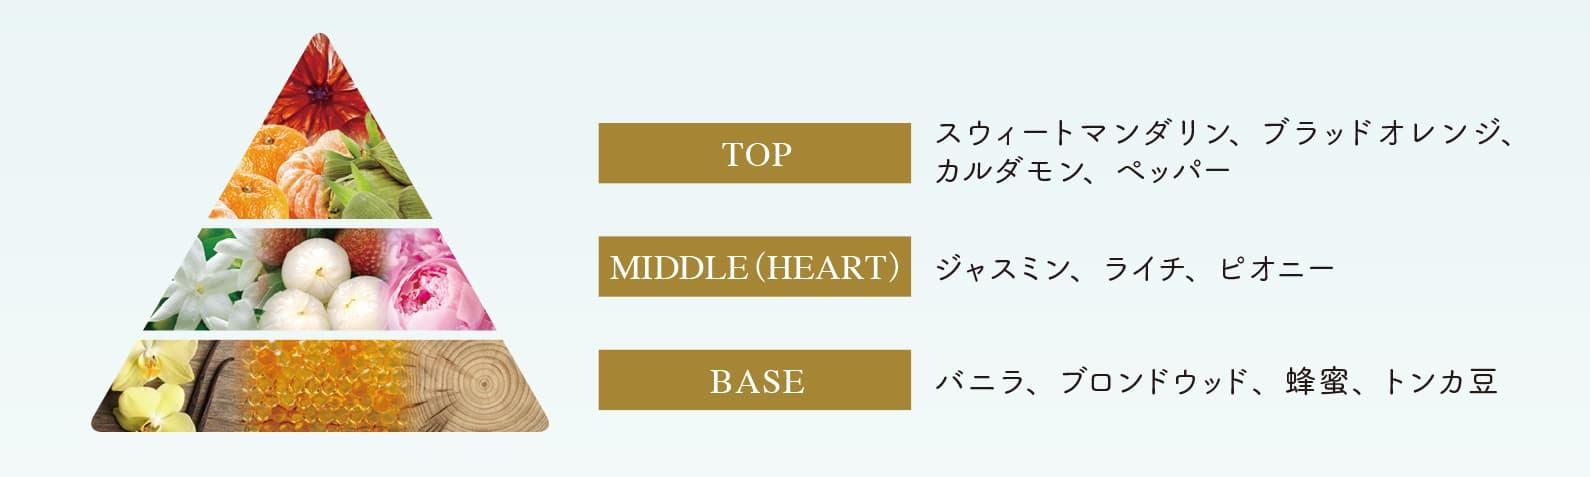 TOP:スウィートマンダリン、ブラッドオレンジ、TOP カルダモン、ペッパー MIDDLE(HEART):ジャスミン、ライチ、ピオニー BASE:バニラ、ブロンドウッド、蜂蜜、トンカ豆